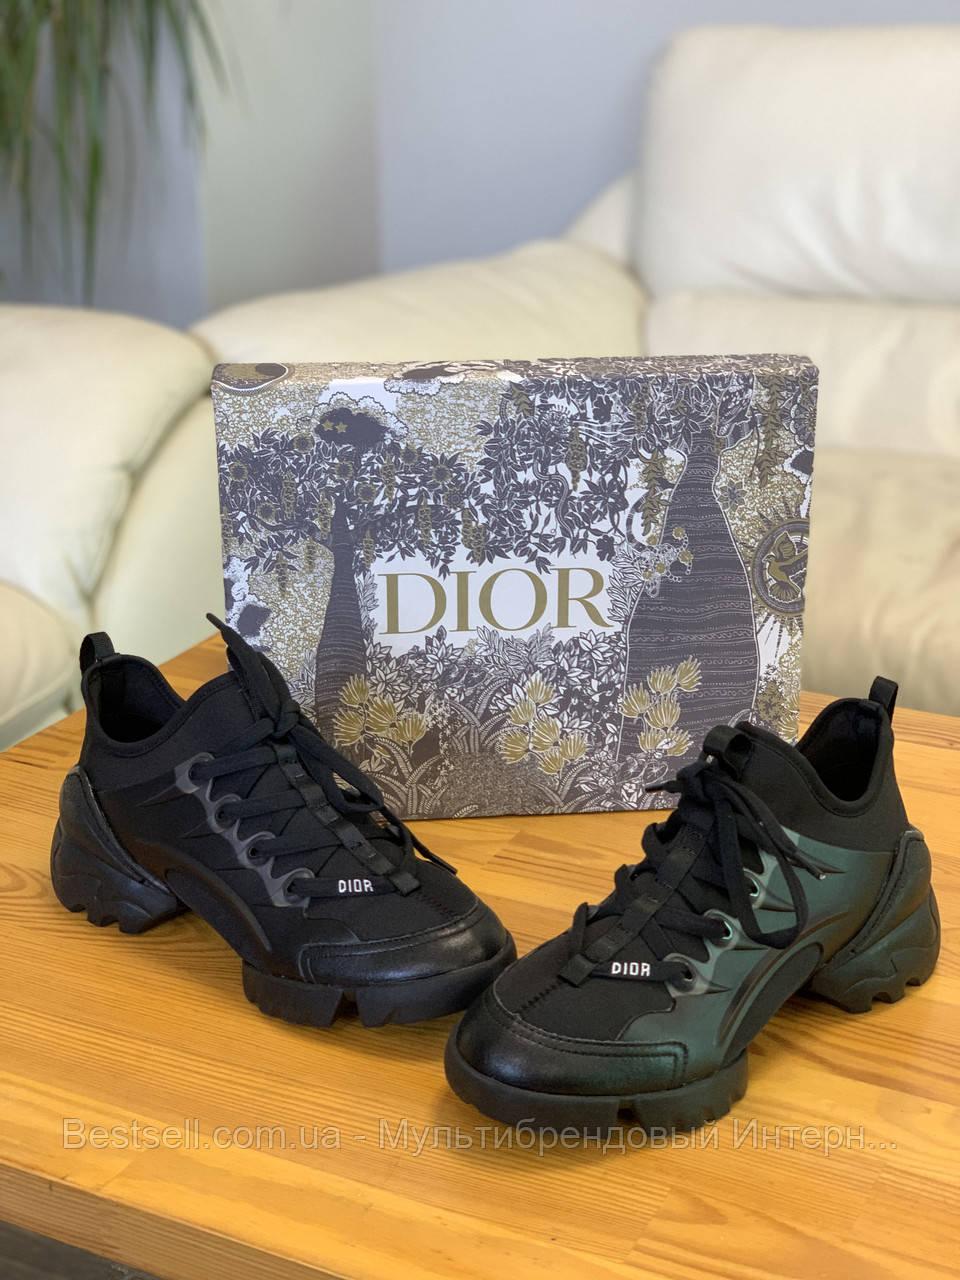 Кроссовки Christian Dior D-connect Black Кристиан Диор Чёрные (36,37,38,39,40) Реплика